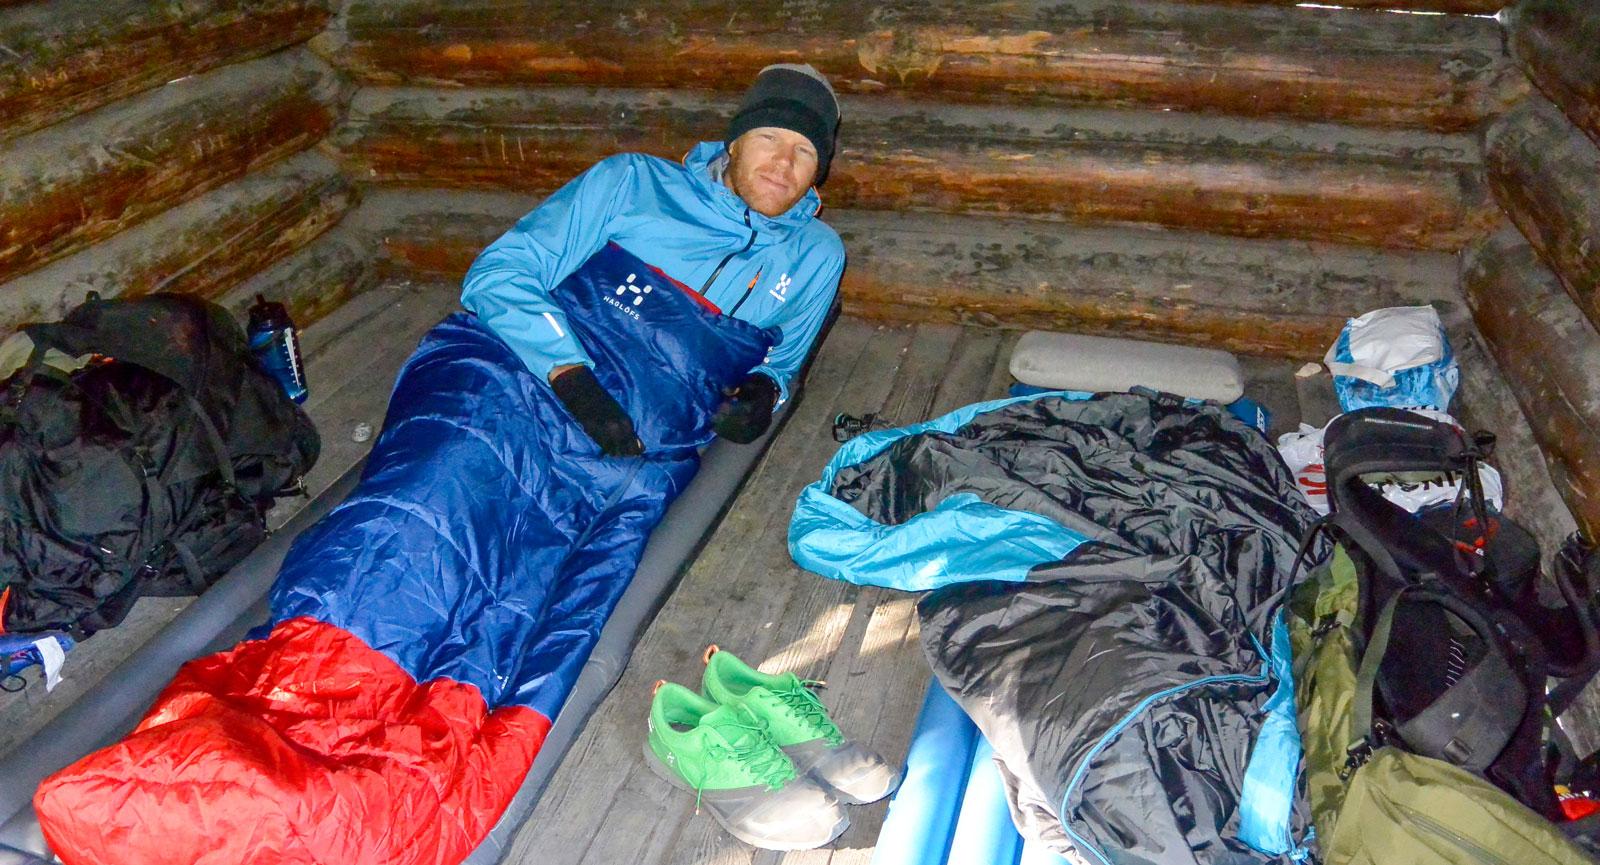 Morgonsolen letar sig in i vindskyddet och det är dags att kravla sig ur sovsäcken.